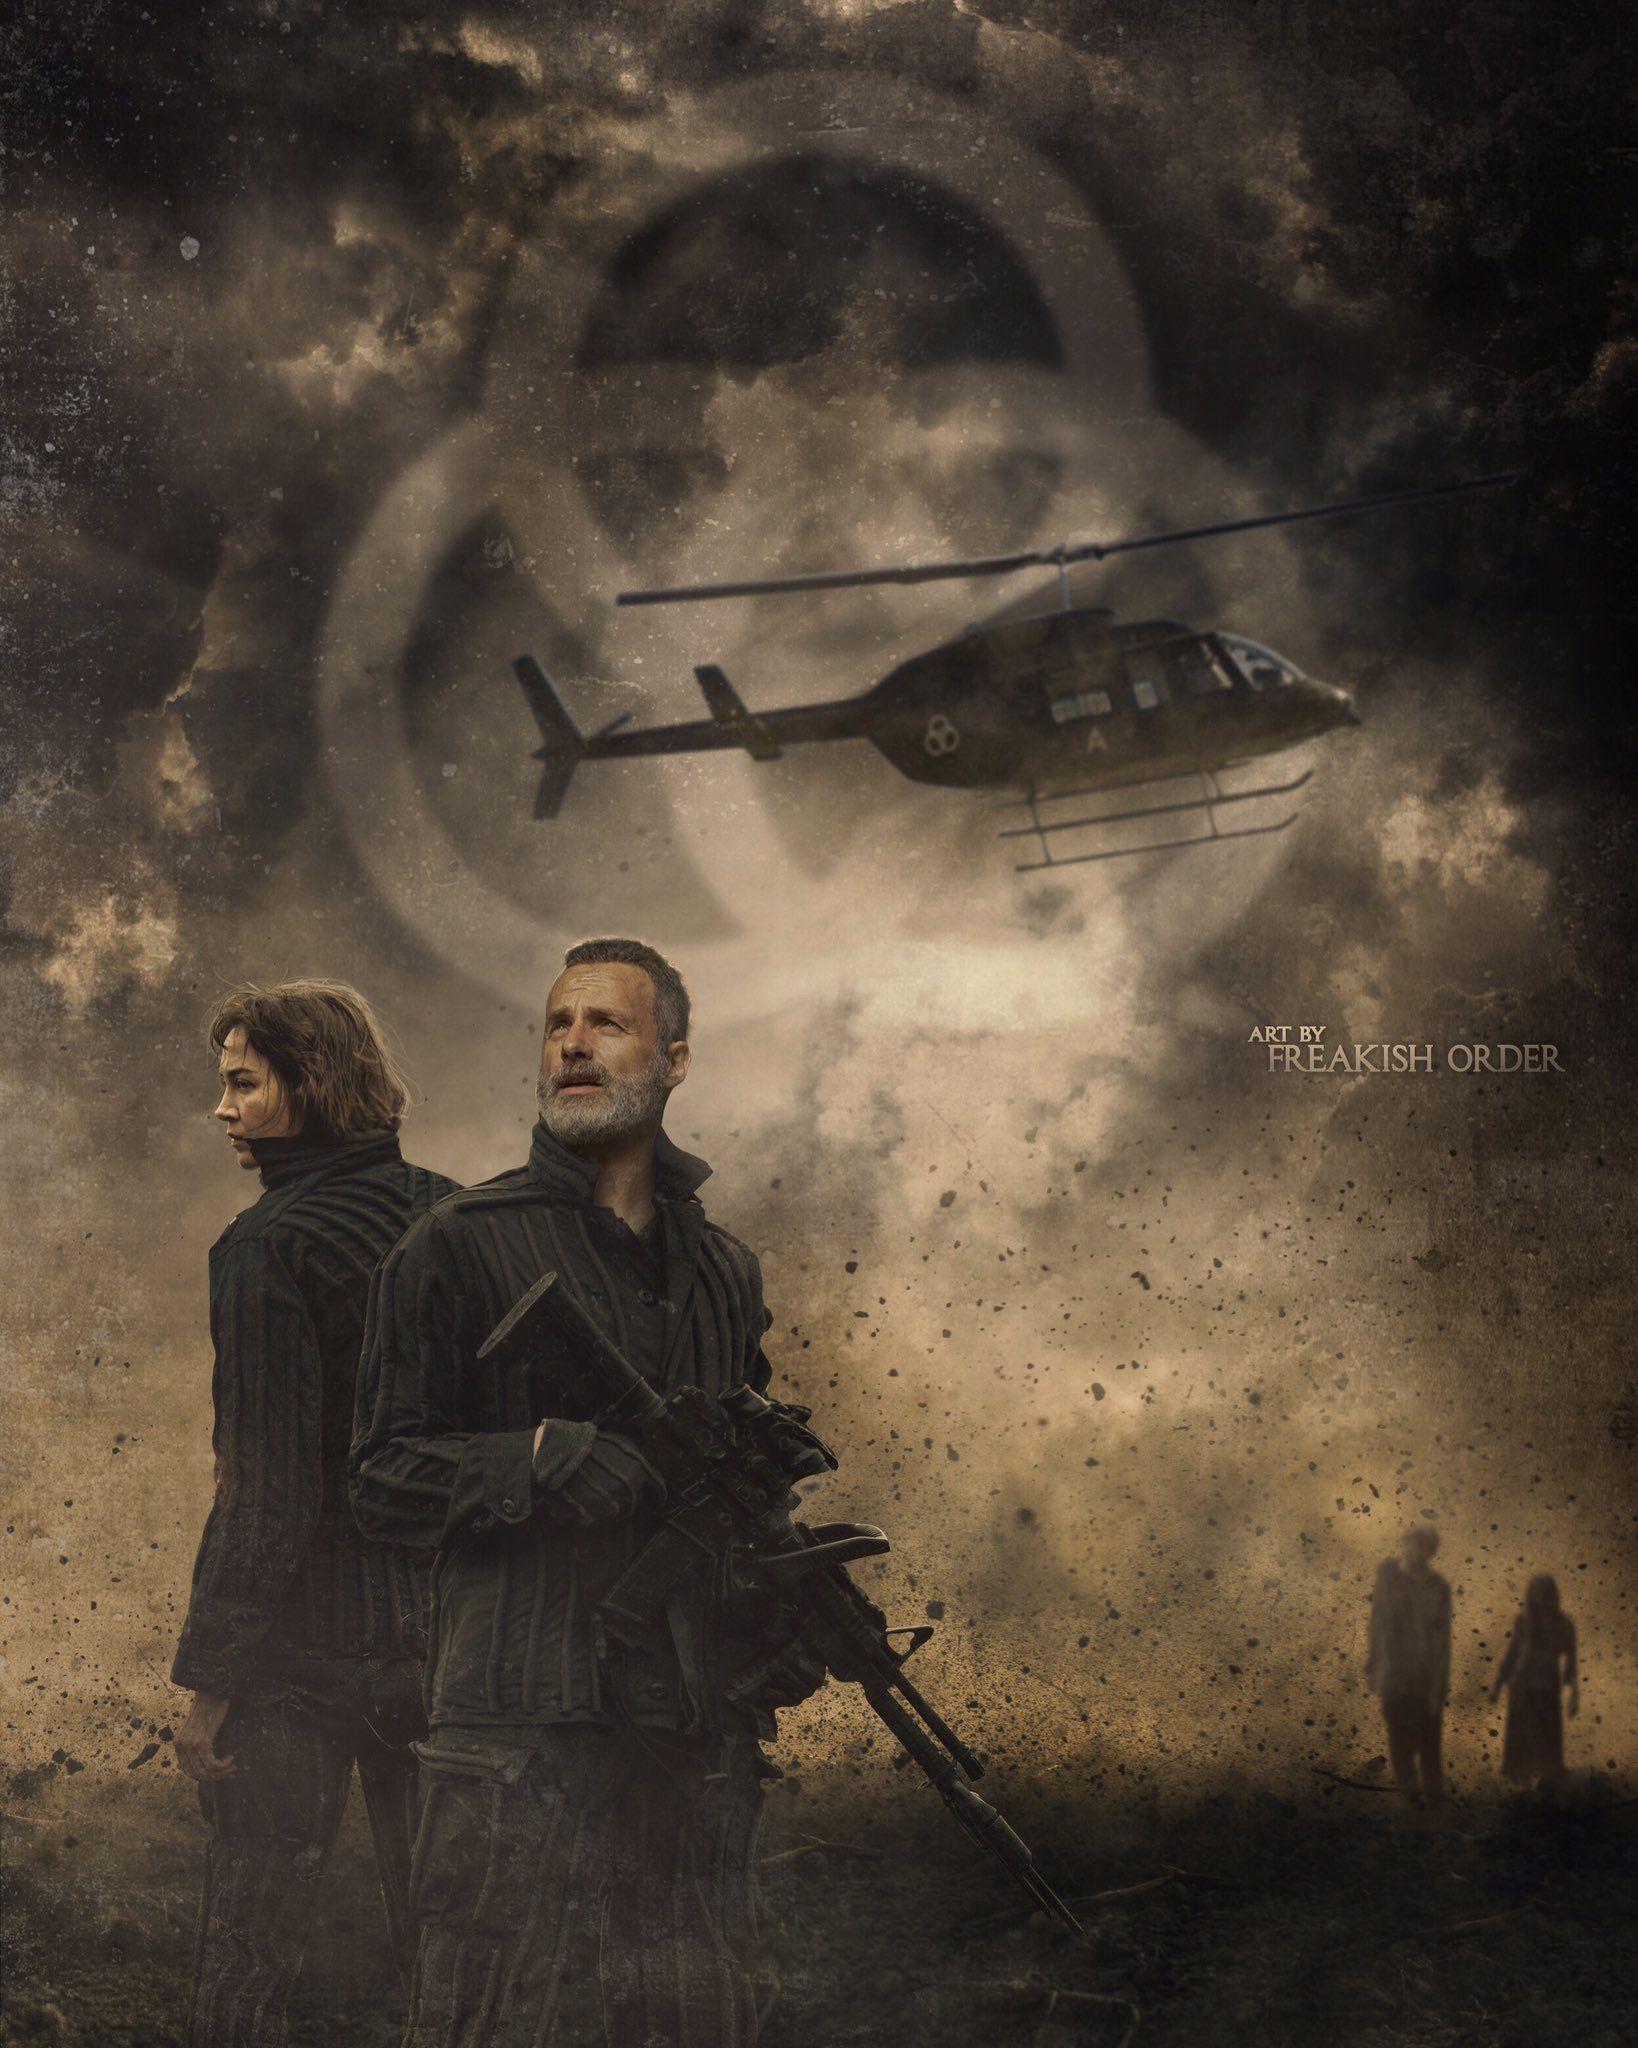 The Walking Dead Movie in 2020 | Fear the walking dead, Fear the walking,  The walking dead poster